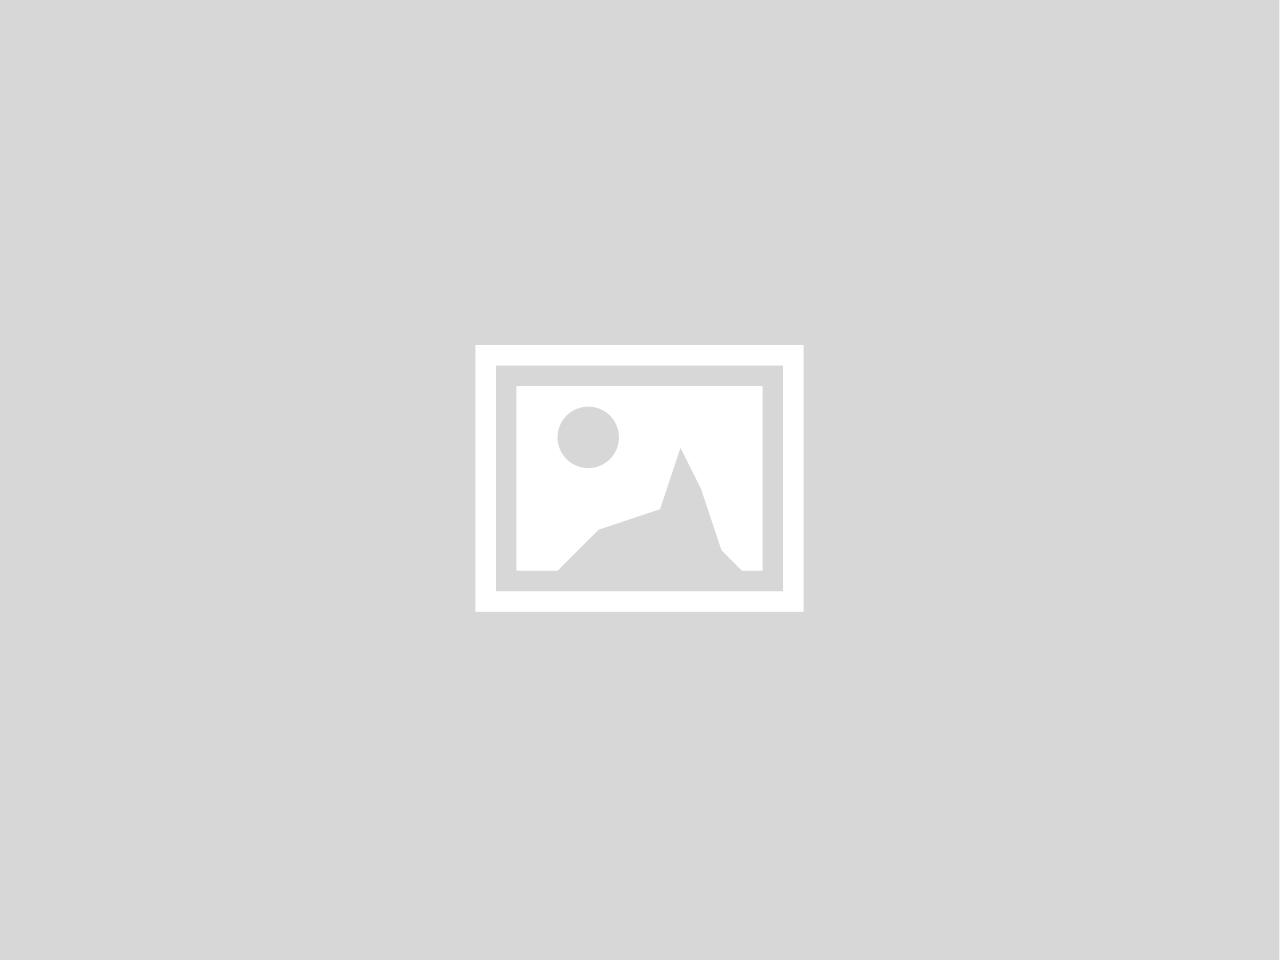 Patrick Karl gewinnt den 27. Staustufenlauf in Karlstadt